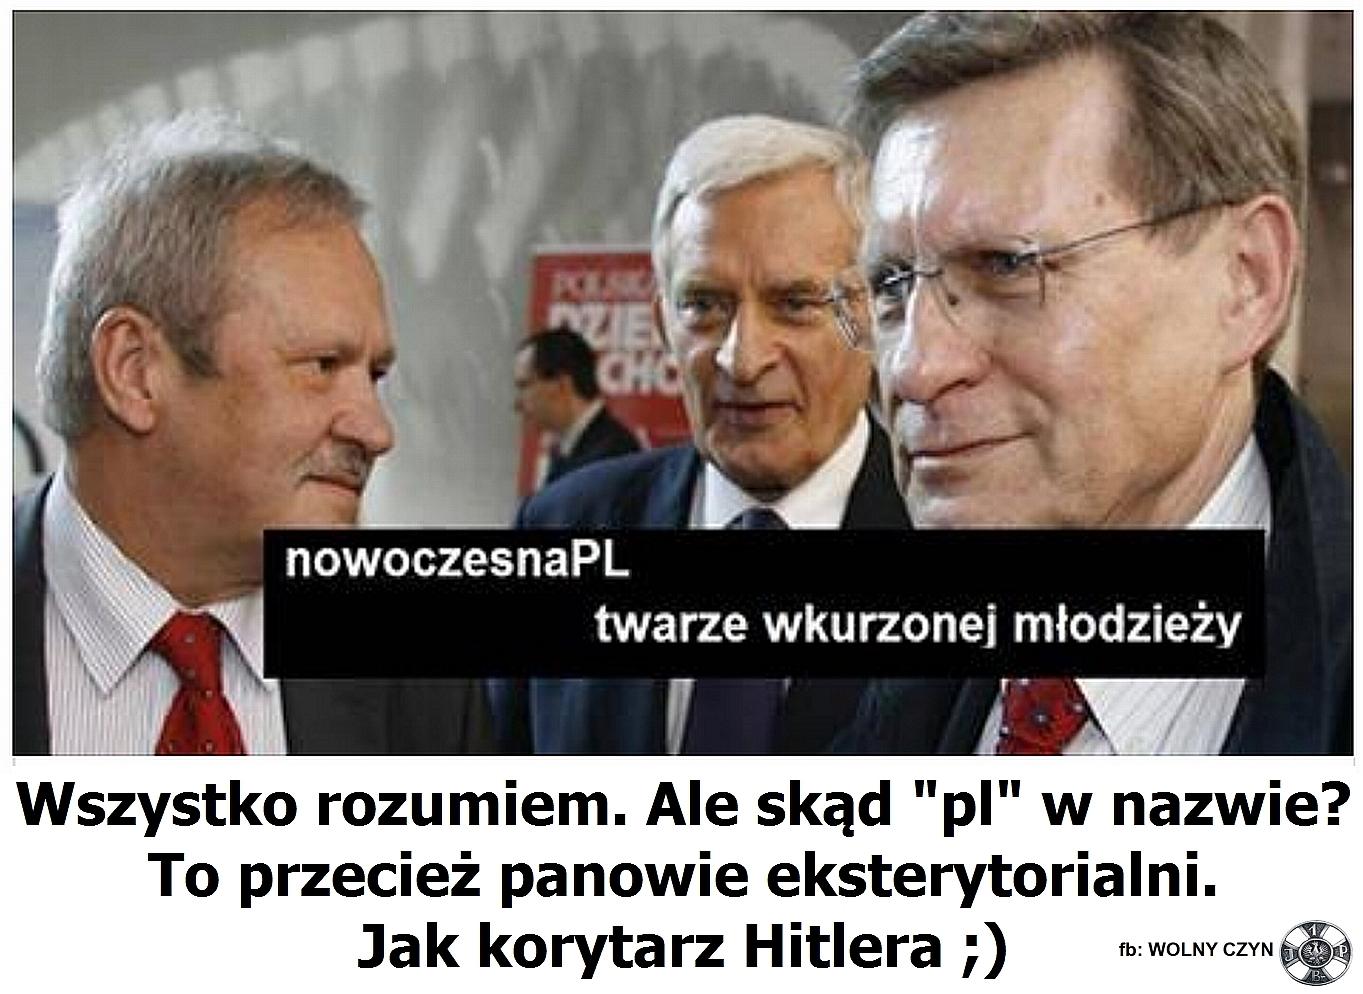 WOLNY CZYN: Polska w przededniu kolejnego wyborczego fałszerstwa?